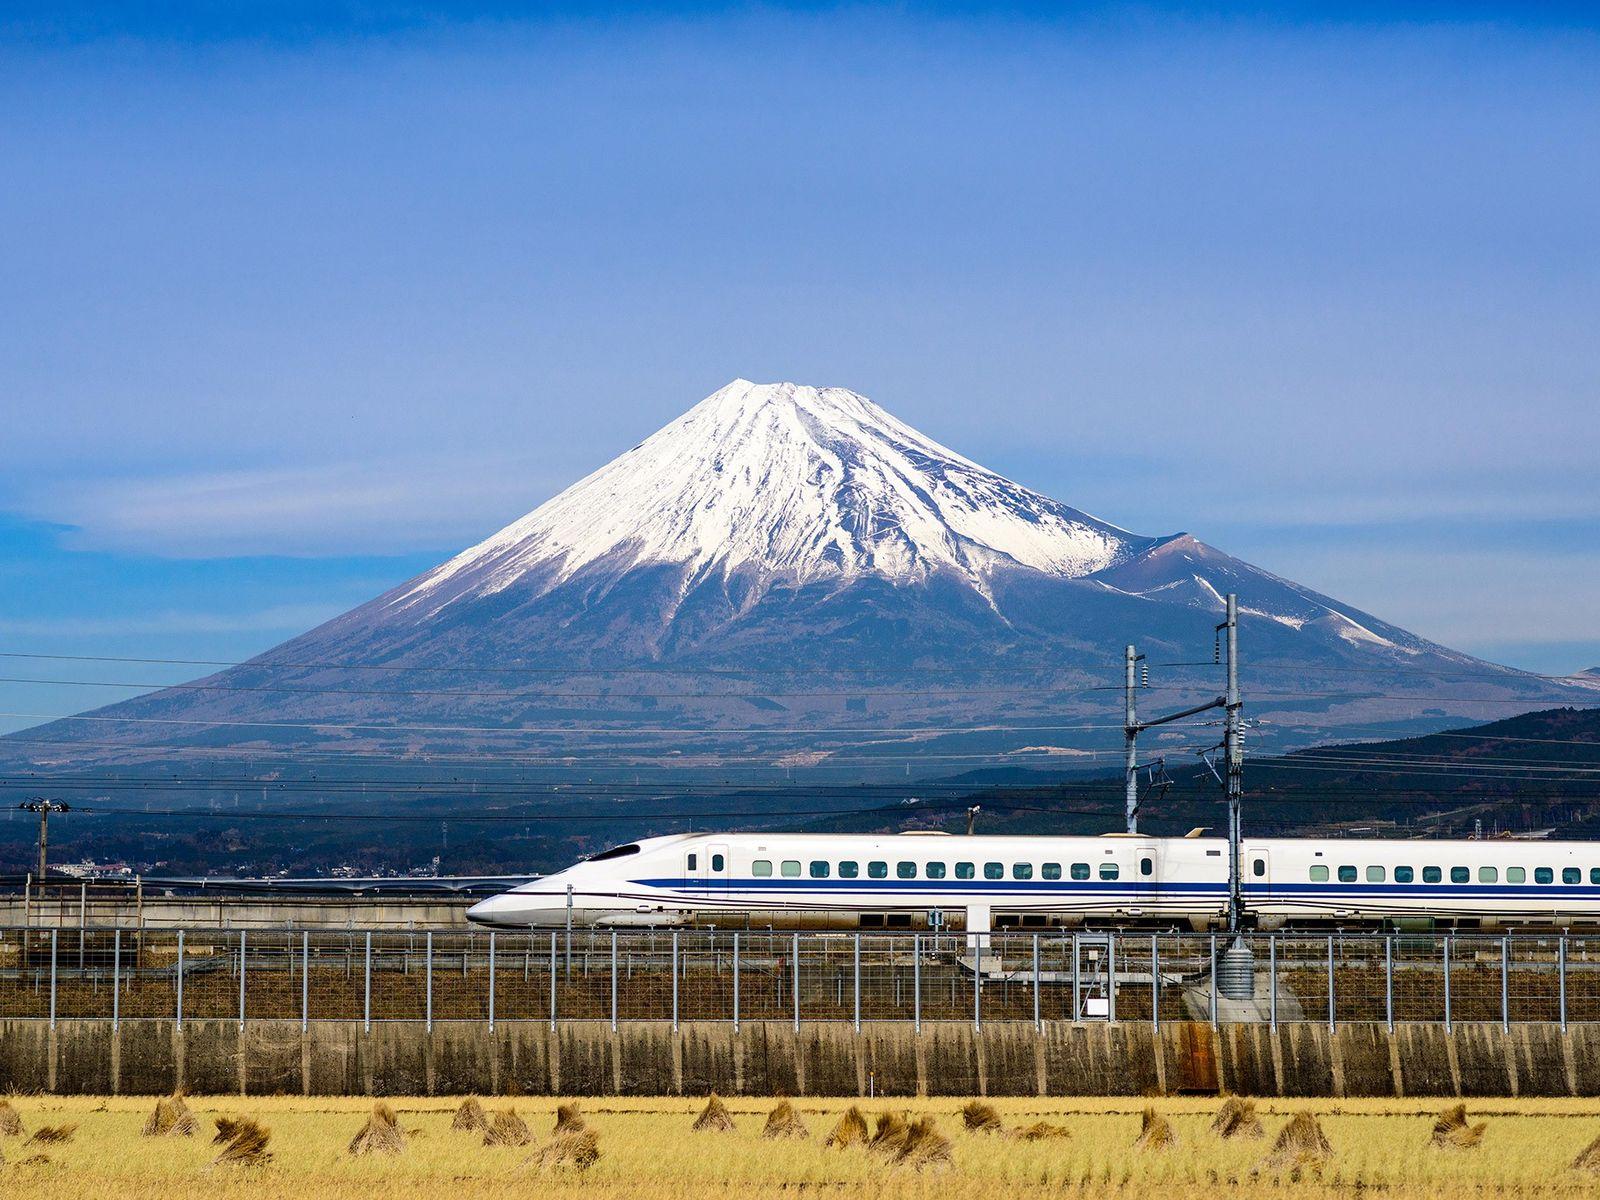 Un Shinkansen passe devant le mont Fuji. Commandez un Japan Rail Pass avant votre visite afin ...